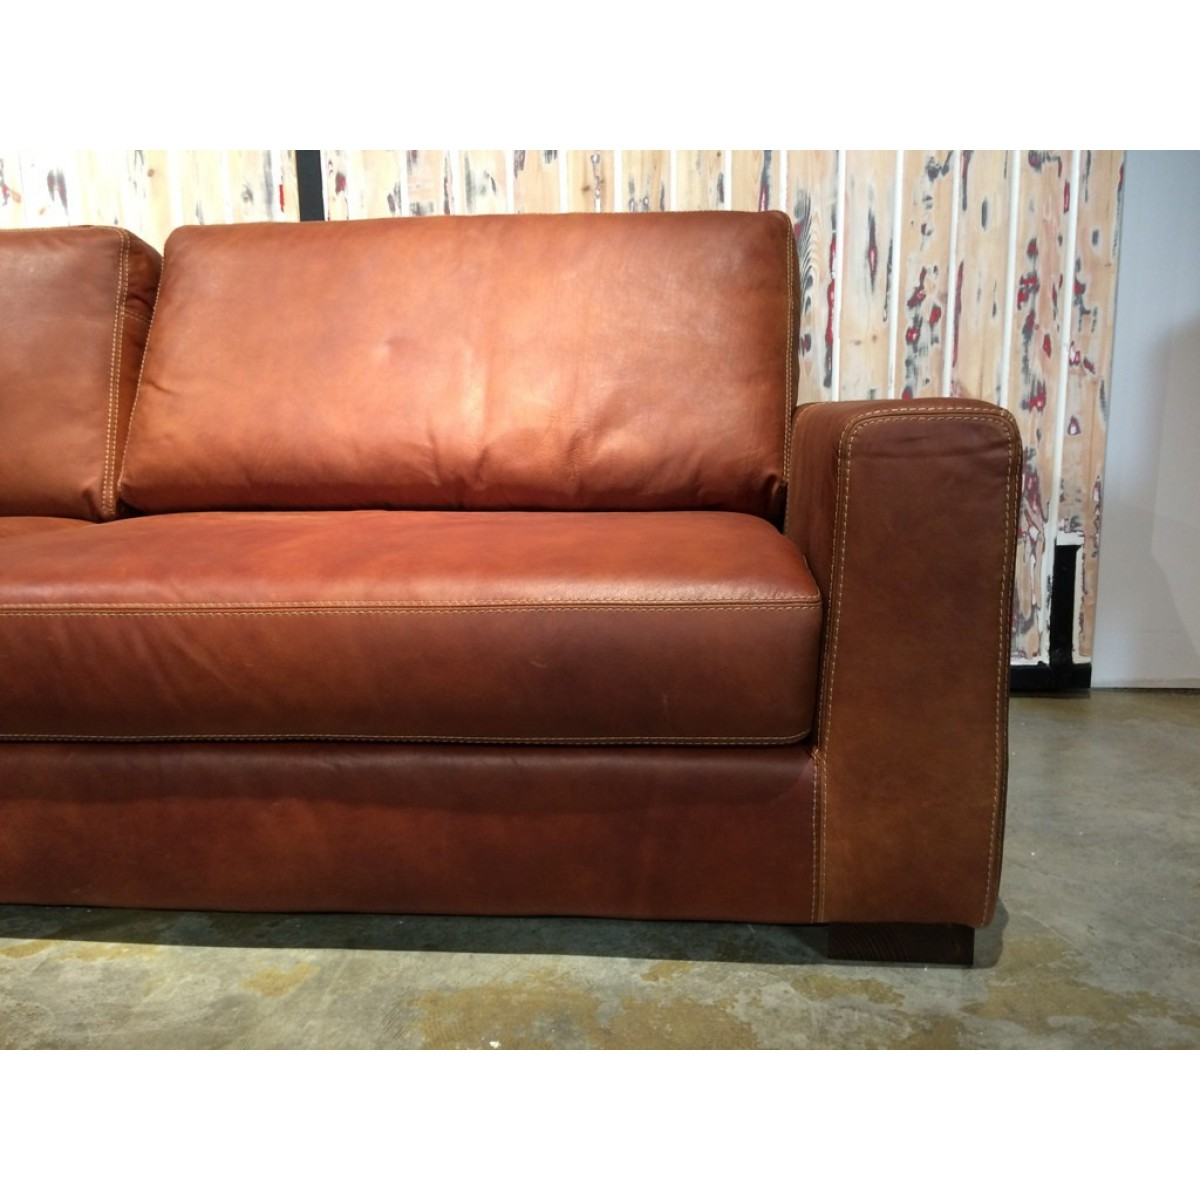 kentucky-leder-sofa-leer-bank-het-anker-shatterhand-detail